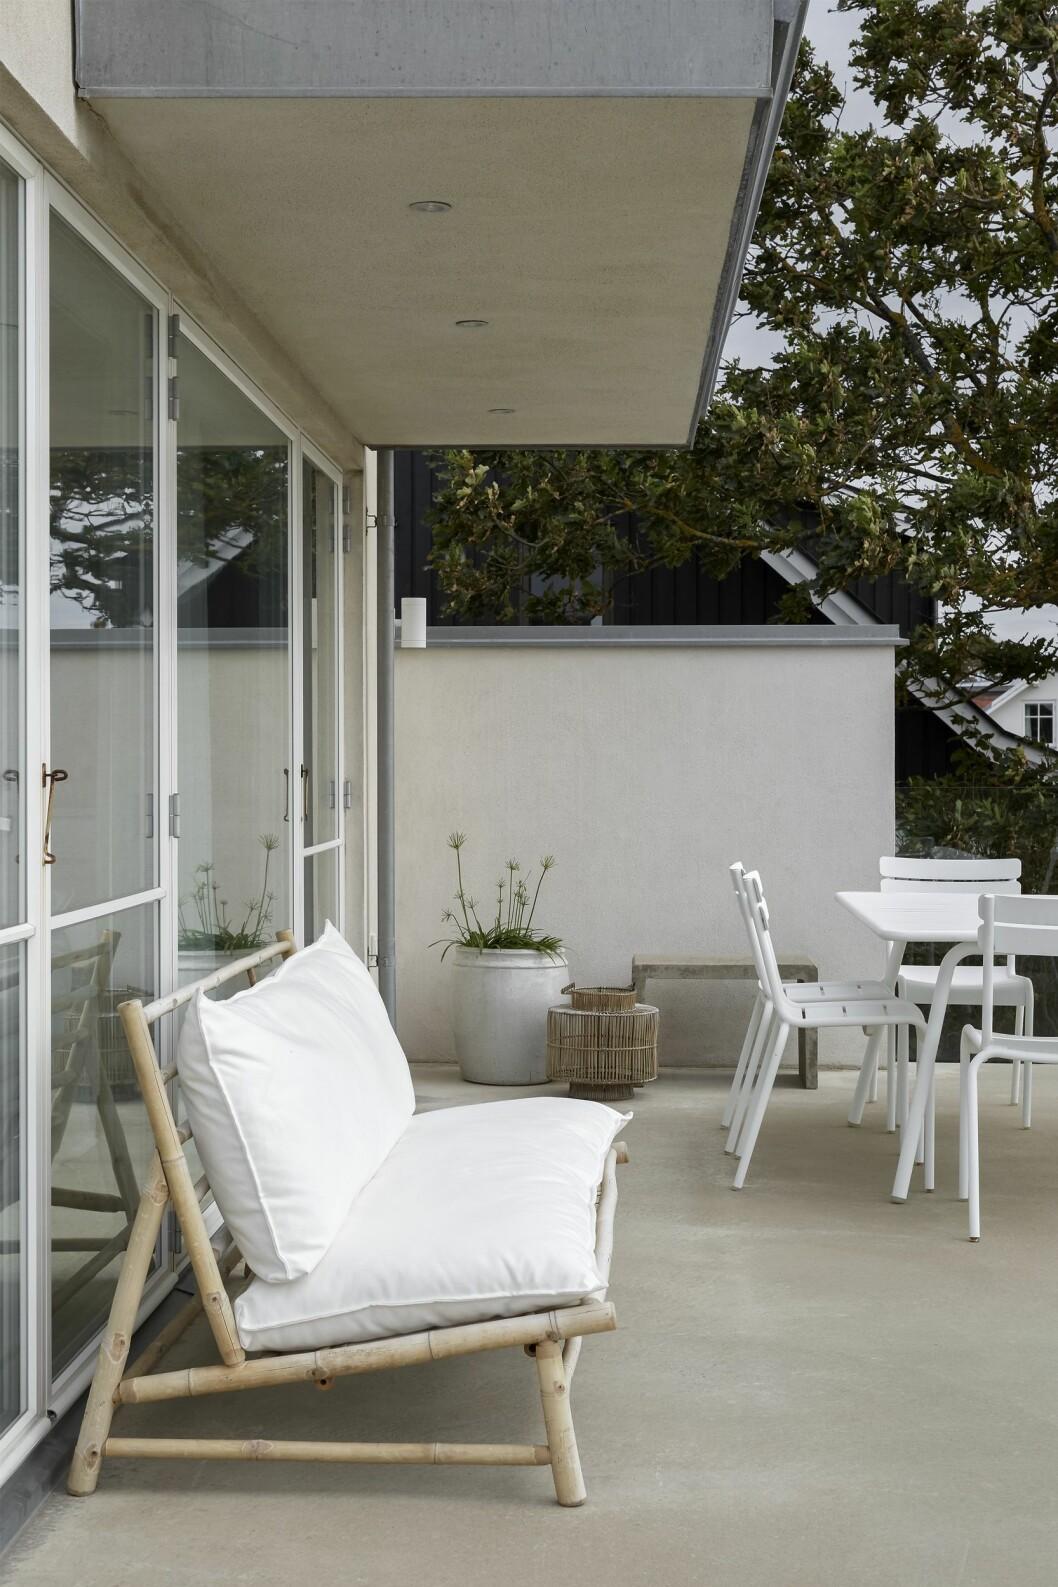 Från terrassen har man utsikt ut mot Öresund och Kattegatt. Bambusoffa från Tine K home. Bordsgrupp Luxembourg från Fermob.